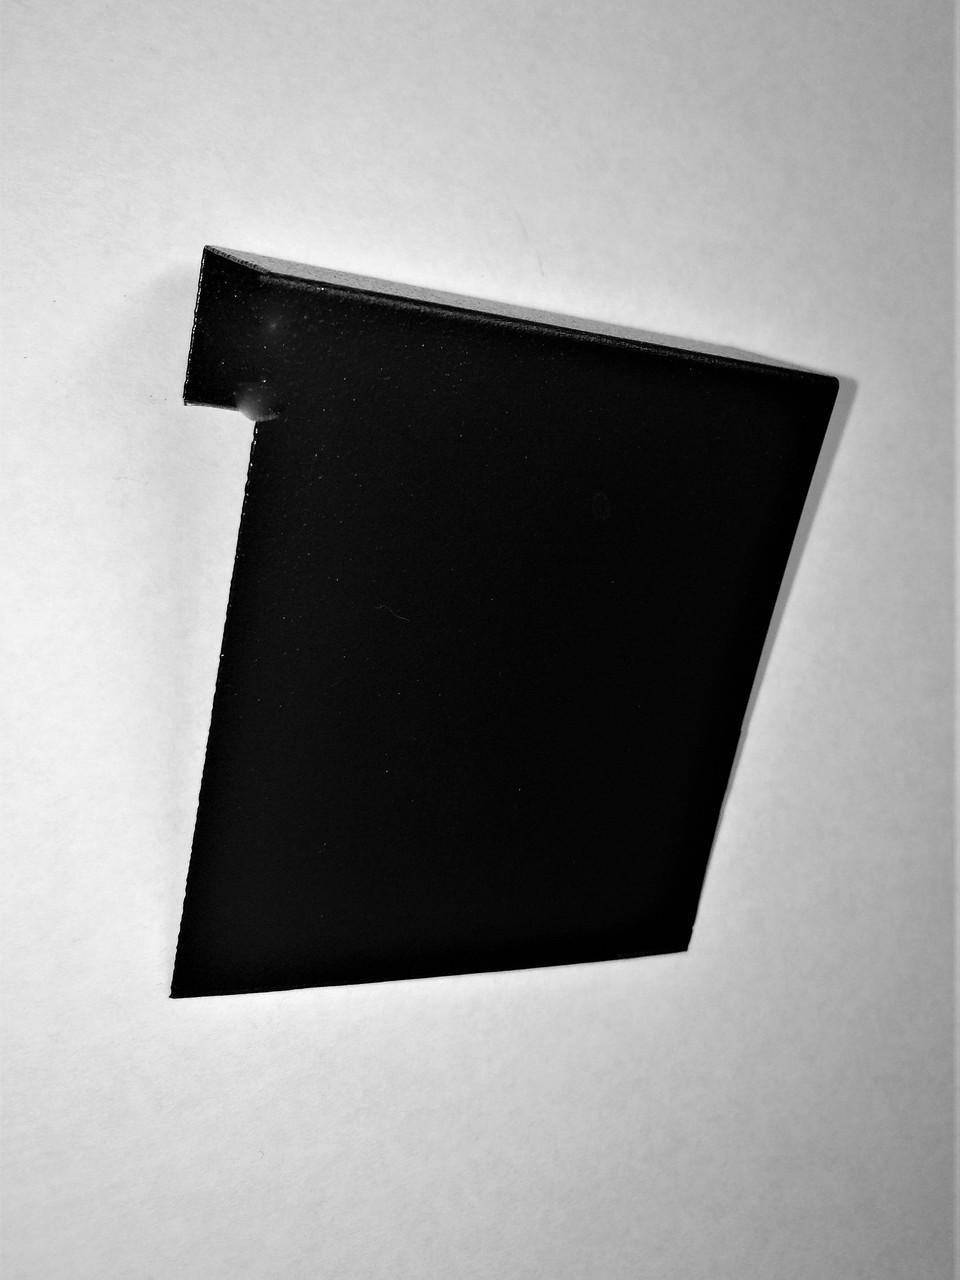 Меловой ценник 7х10 см П-образный на полку. Грифельная табличка на стеллаж. Для надписей мелом и маркером.